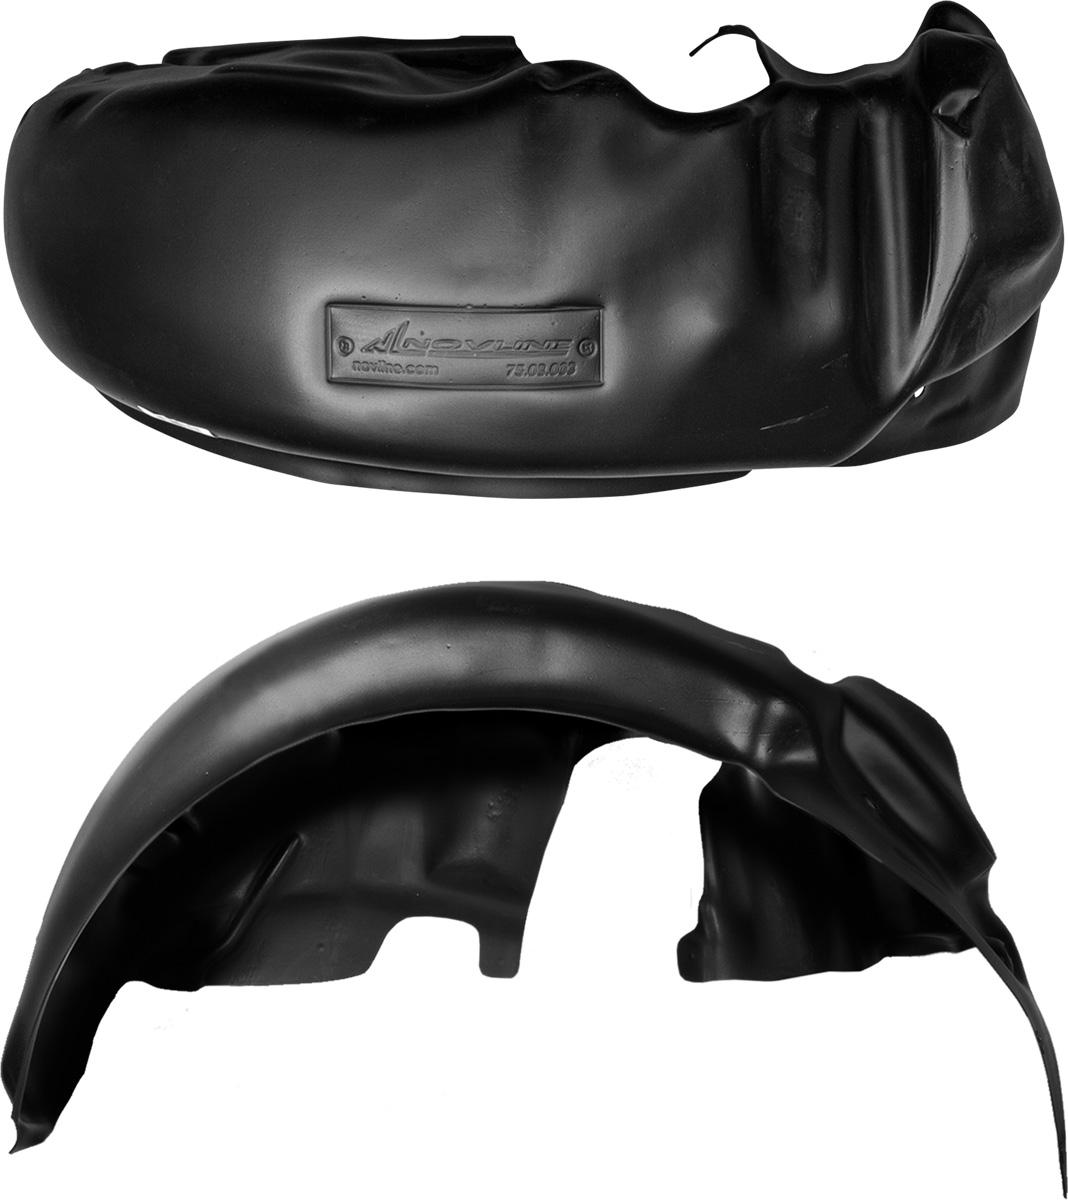 Подкрылок NISSAN Juke 2WD 2010-2014, 2014->, задний правыйNLL.36.35.004Колесные ниши – одни из самых уязвимых зон днища вашего автомобиля. Они постоянно подвергаются воздействию со стороны дороги. Лучшая, почти абсолютная защита для них - специально отформованные пластиковые кожухи, которые называются подкрылками, или локерами. Производятся они как для отечественных моделей автомобилей, так и для иномарок. Подкрылки выполнены из высококачественного, экологически чистого пластика. Обеспечивают надежную защиту кузова автомобиля от пескоструйного эффекта и негативного влияния, агрессивных антигололедных реагентов. Пластик обладает более низкой теплопроводностью, чем металл, поэтому в зимний период эксплуатации использование пластиковых подкрылков позволяет лучше защитить колесные ниши от налипания снега и образования наледи. Оригинальность конструкции подчеркивает элегантность автомобиля, бережно защищает нанесенное на днище кузова антикоррозийное покрытие и позволяет осуществить крепление подкрылков внутри колесной арки практически без дополнительного...